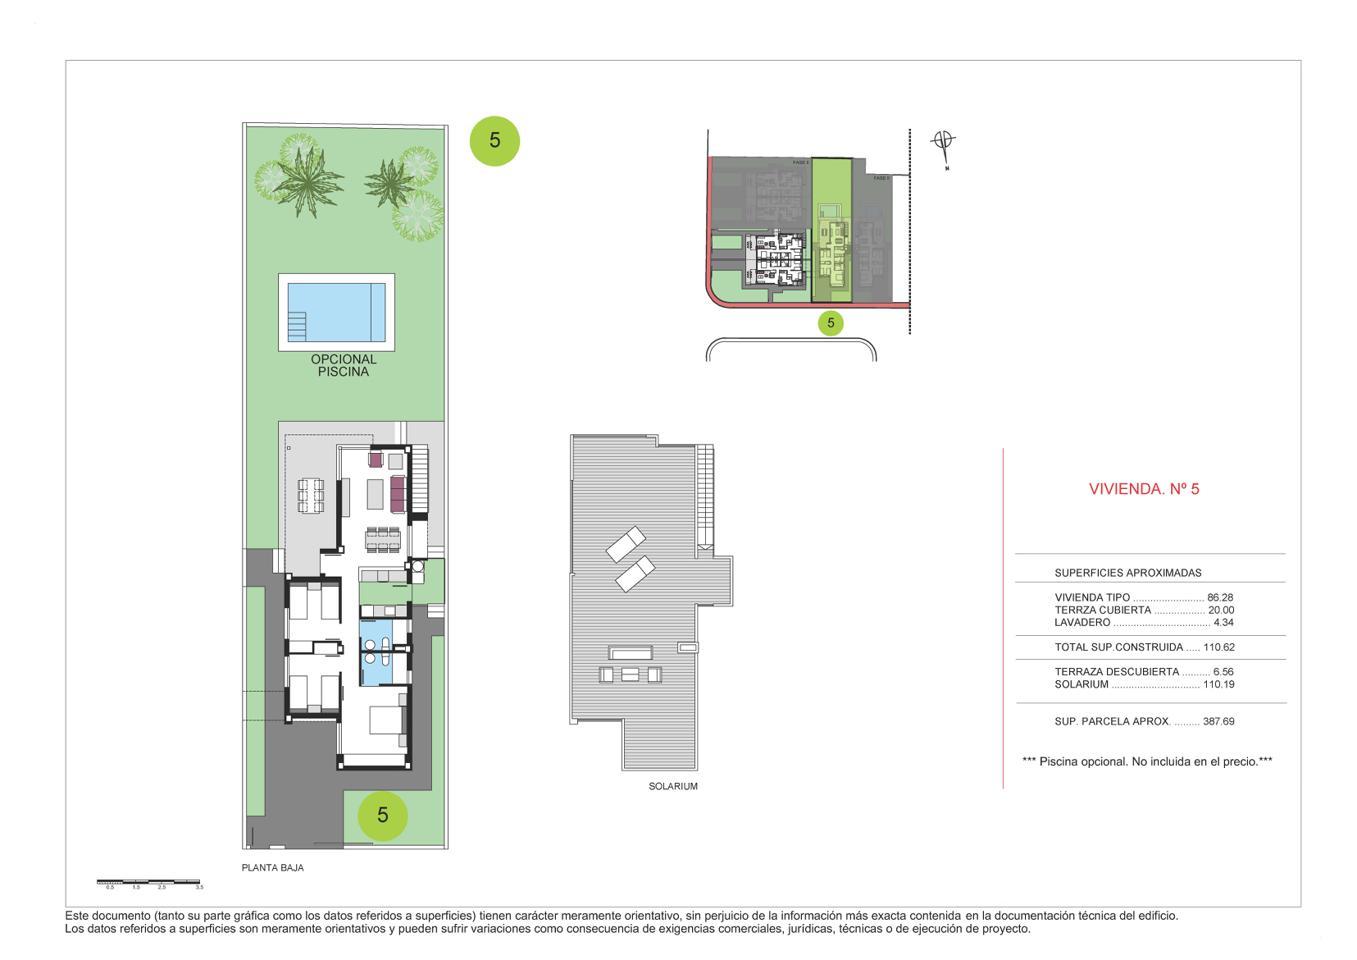 Villas de obra nueva en el verger a 1 km de la playa con gran solarium privado. - imagenInmueble3